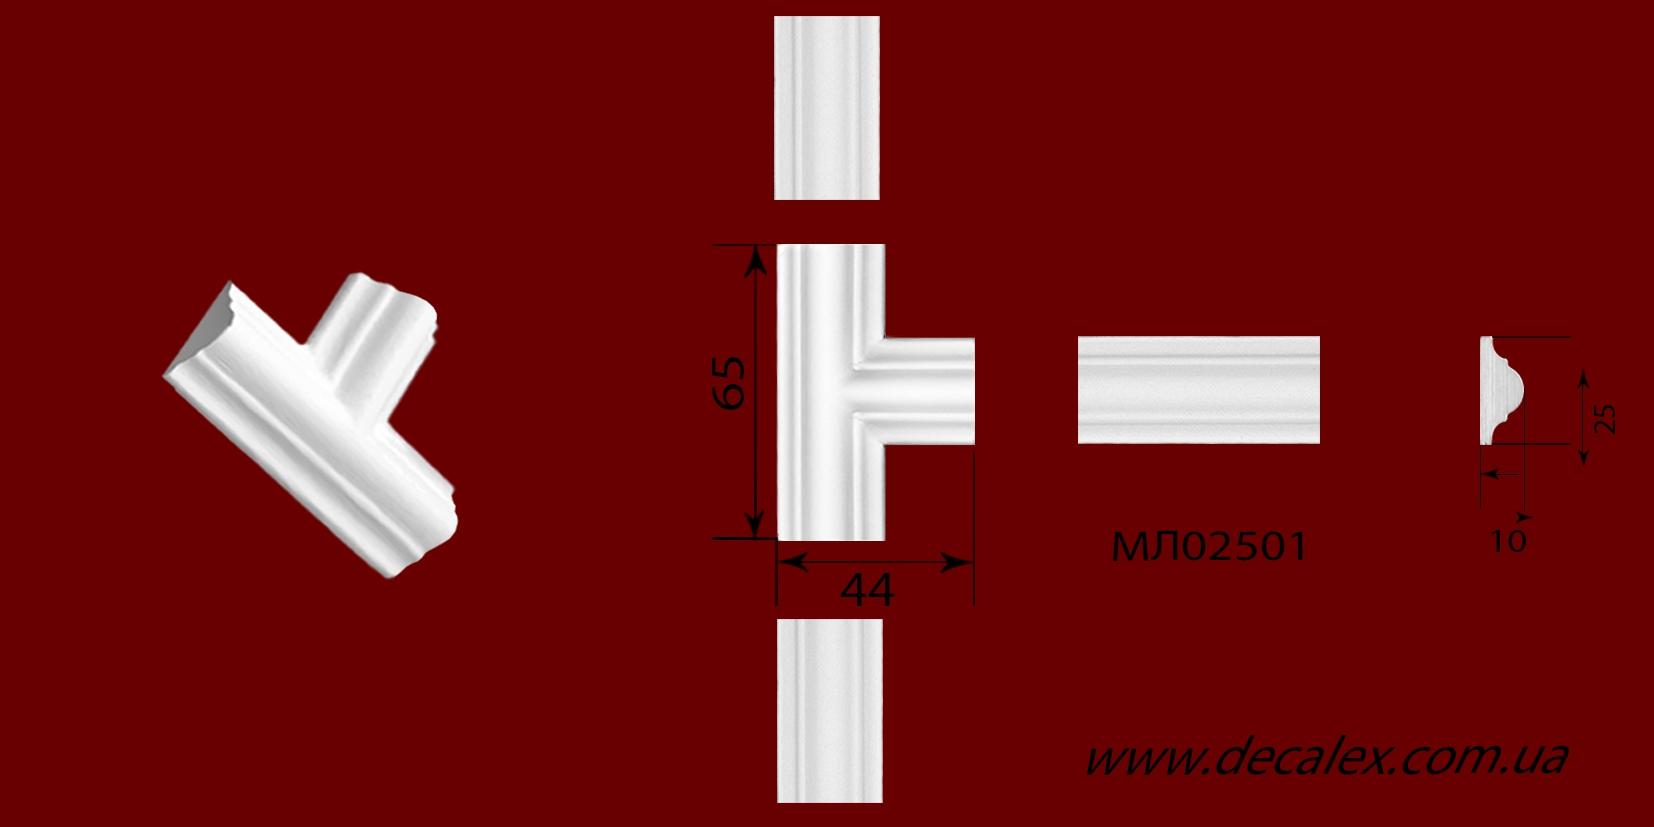 Код товара ГЛ02501-3. Угловой элемент из гипса , стыкуется с МЛ02501. Розничная цена 25 грн./шт.